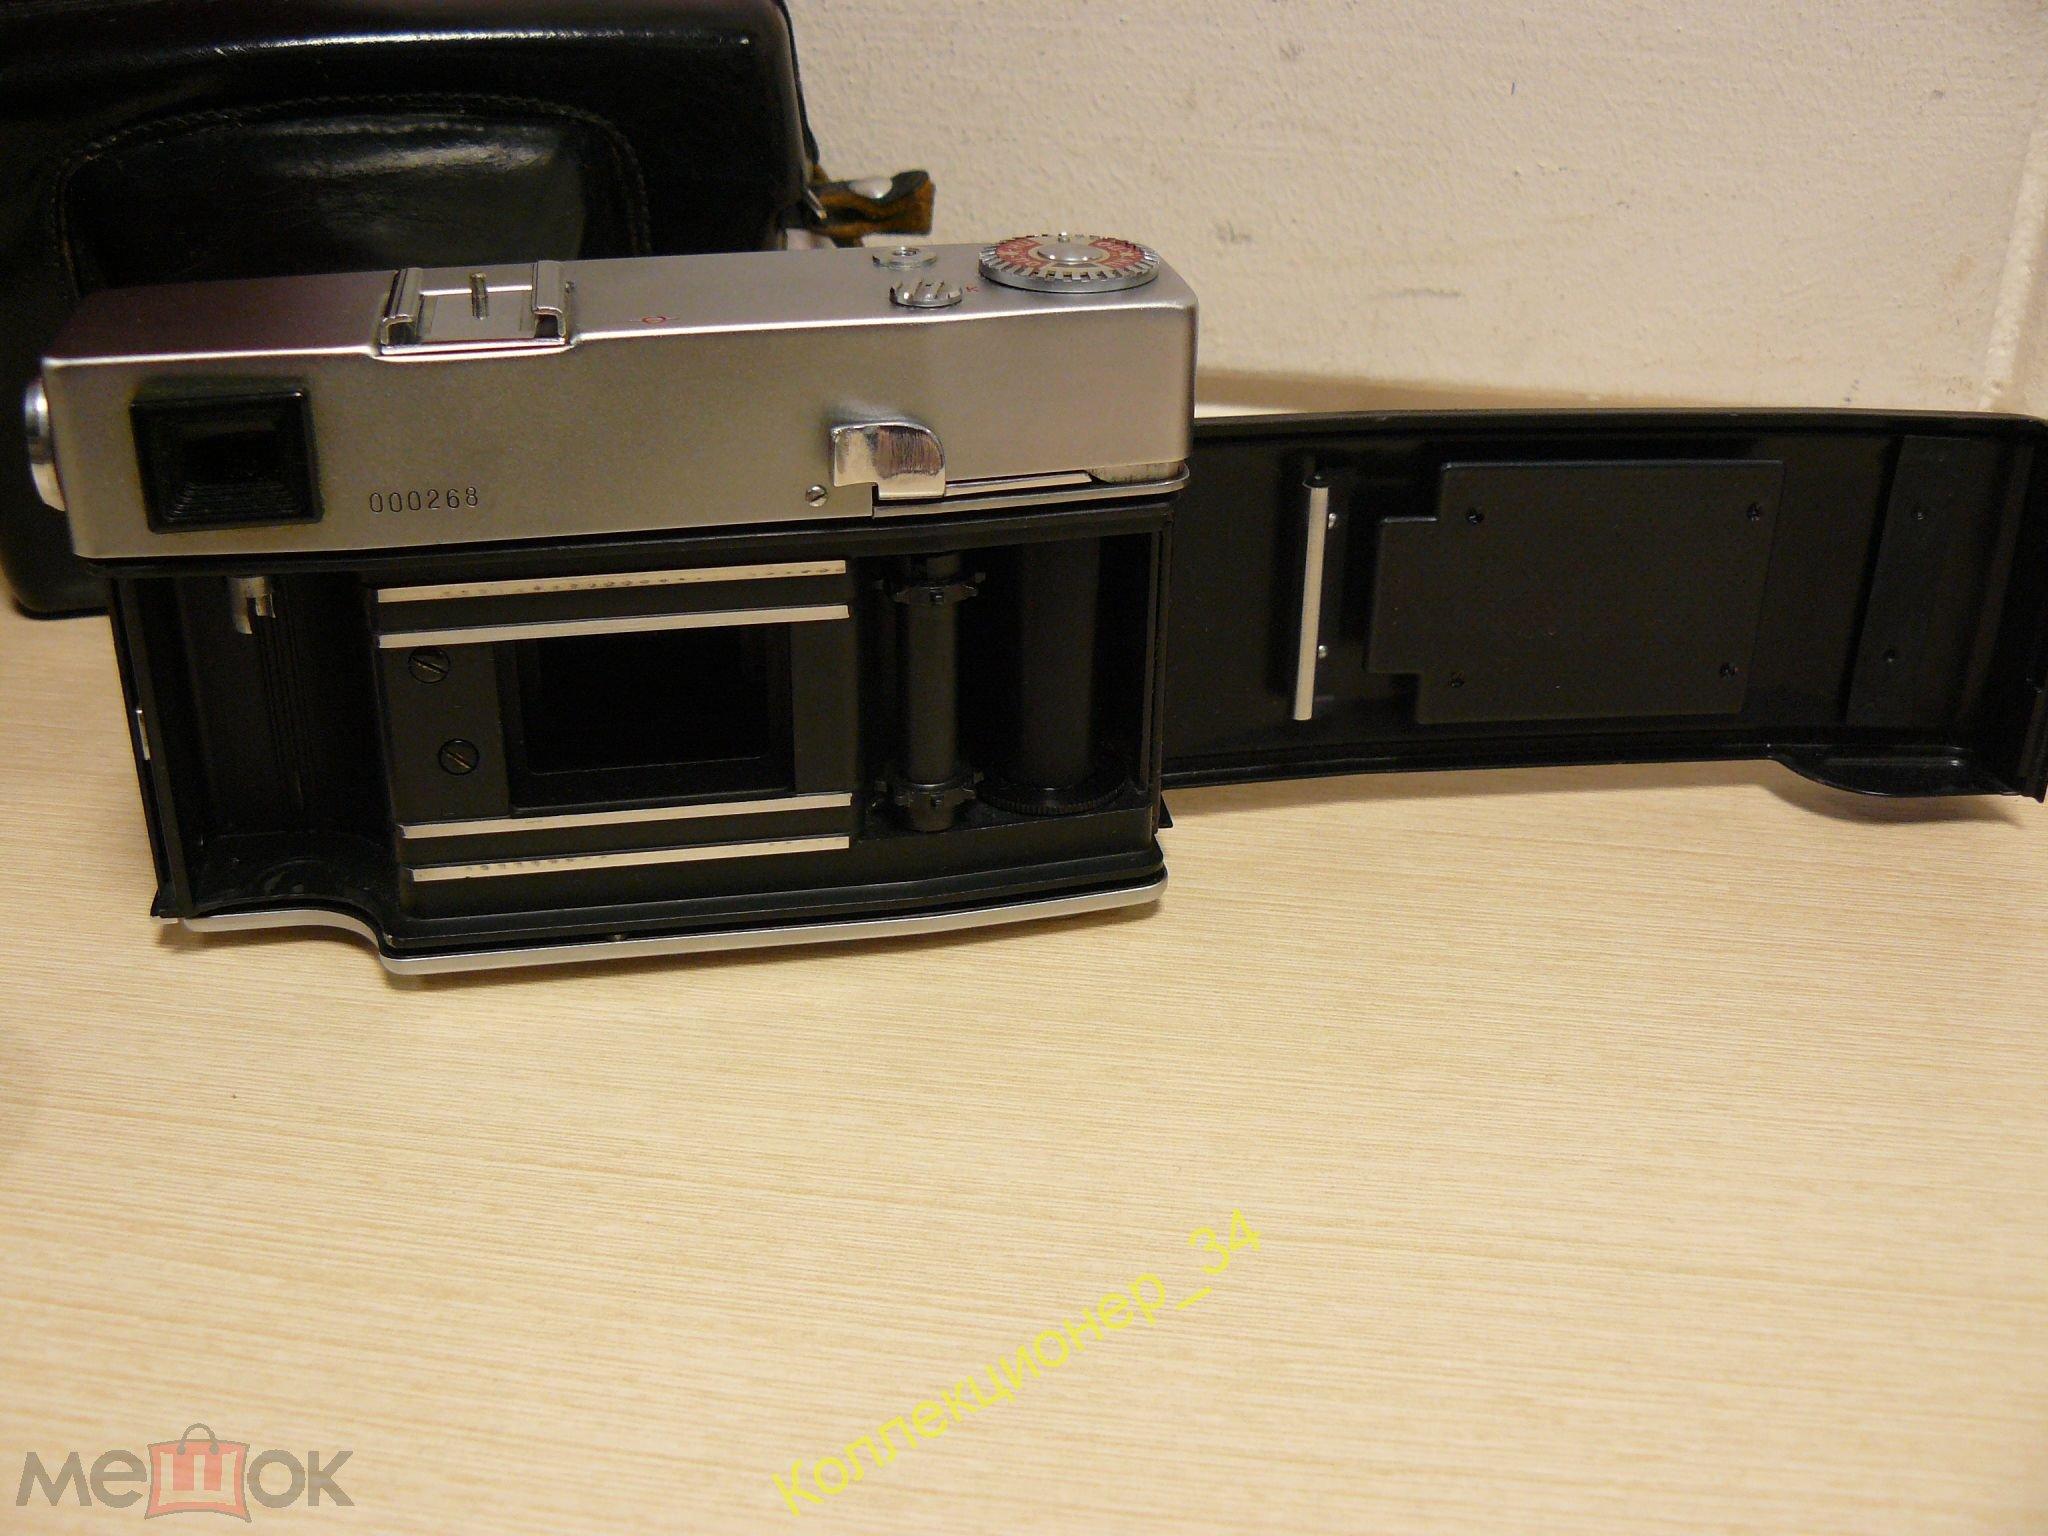 Сокол шестиглазковый номер 000268, САМАЯ редкая модификация, первый год выпуска, первая тысяча, ТОРГ